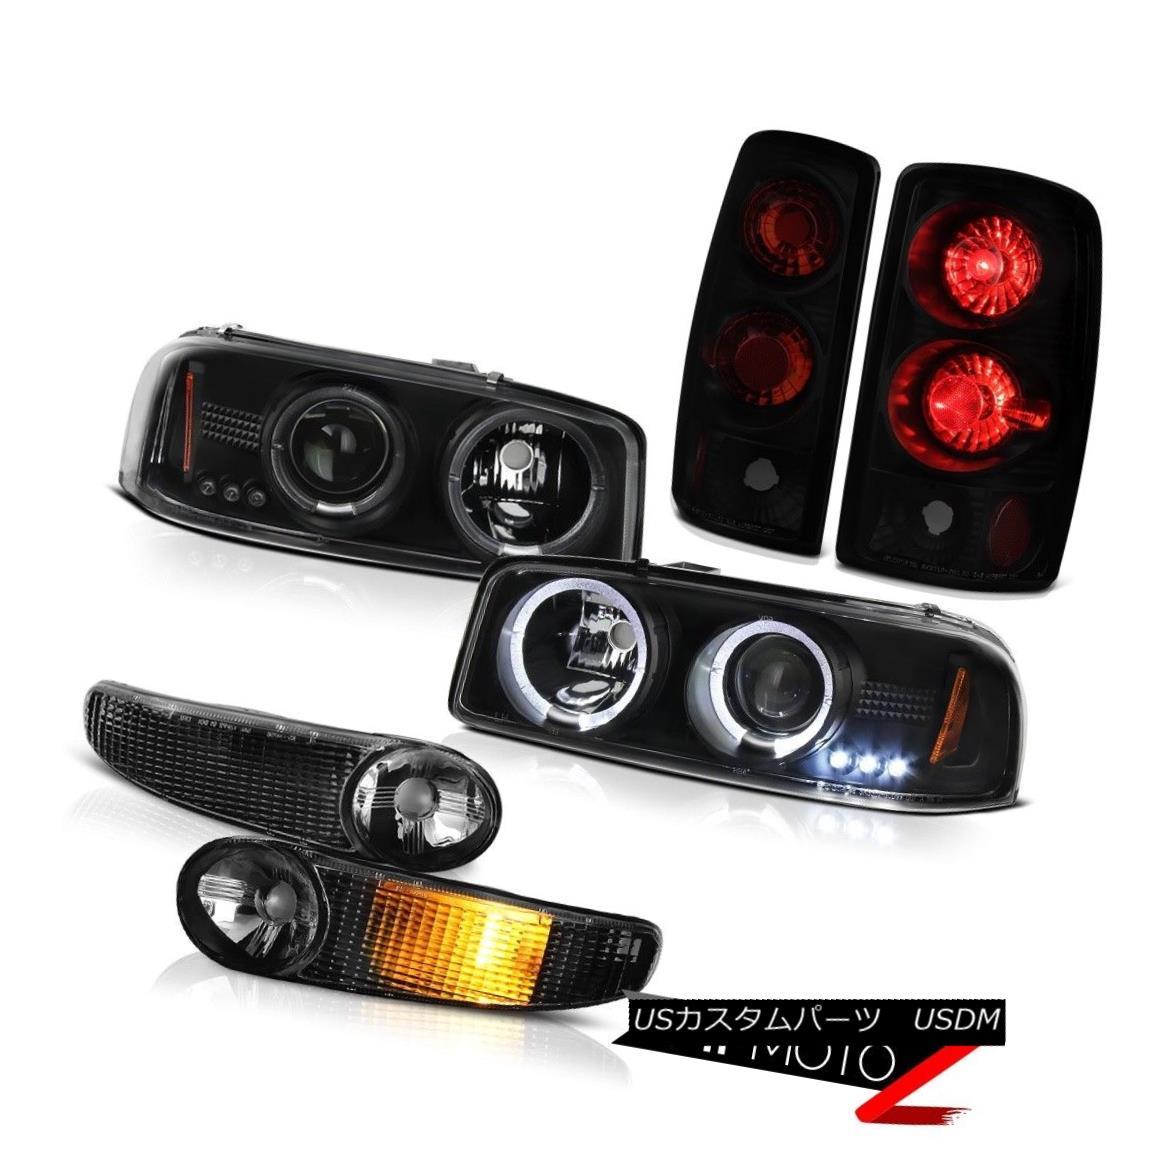 テールライト 03 04 05 06 Yukon DRL LED Angel Eye Headlights Bumper Signal Reverse Tail Lights 03 04 05 06ユーコンDRL LEDエンジェルアイヘッドライトバンパーシグナルリバーステールライト